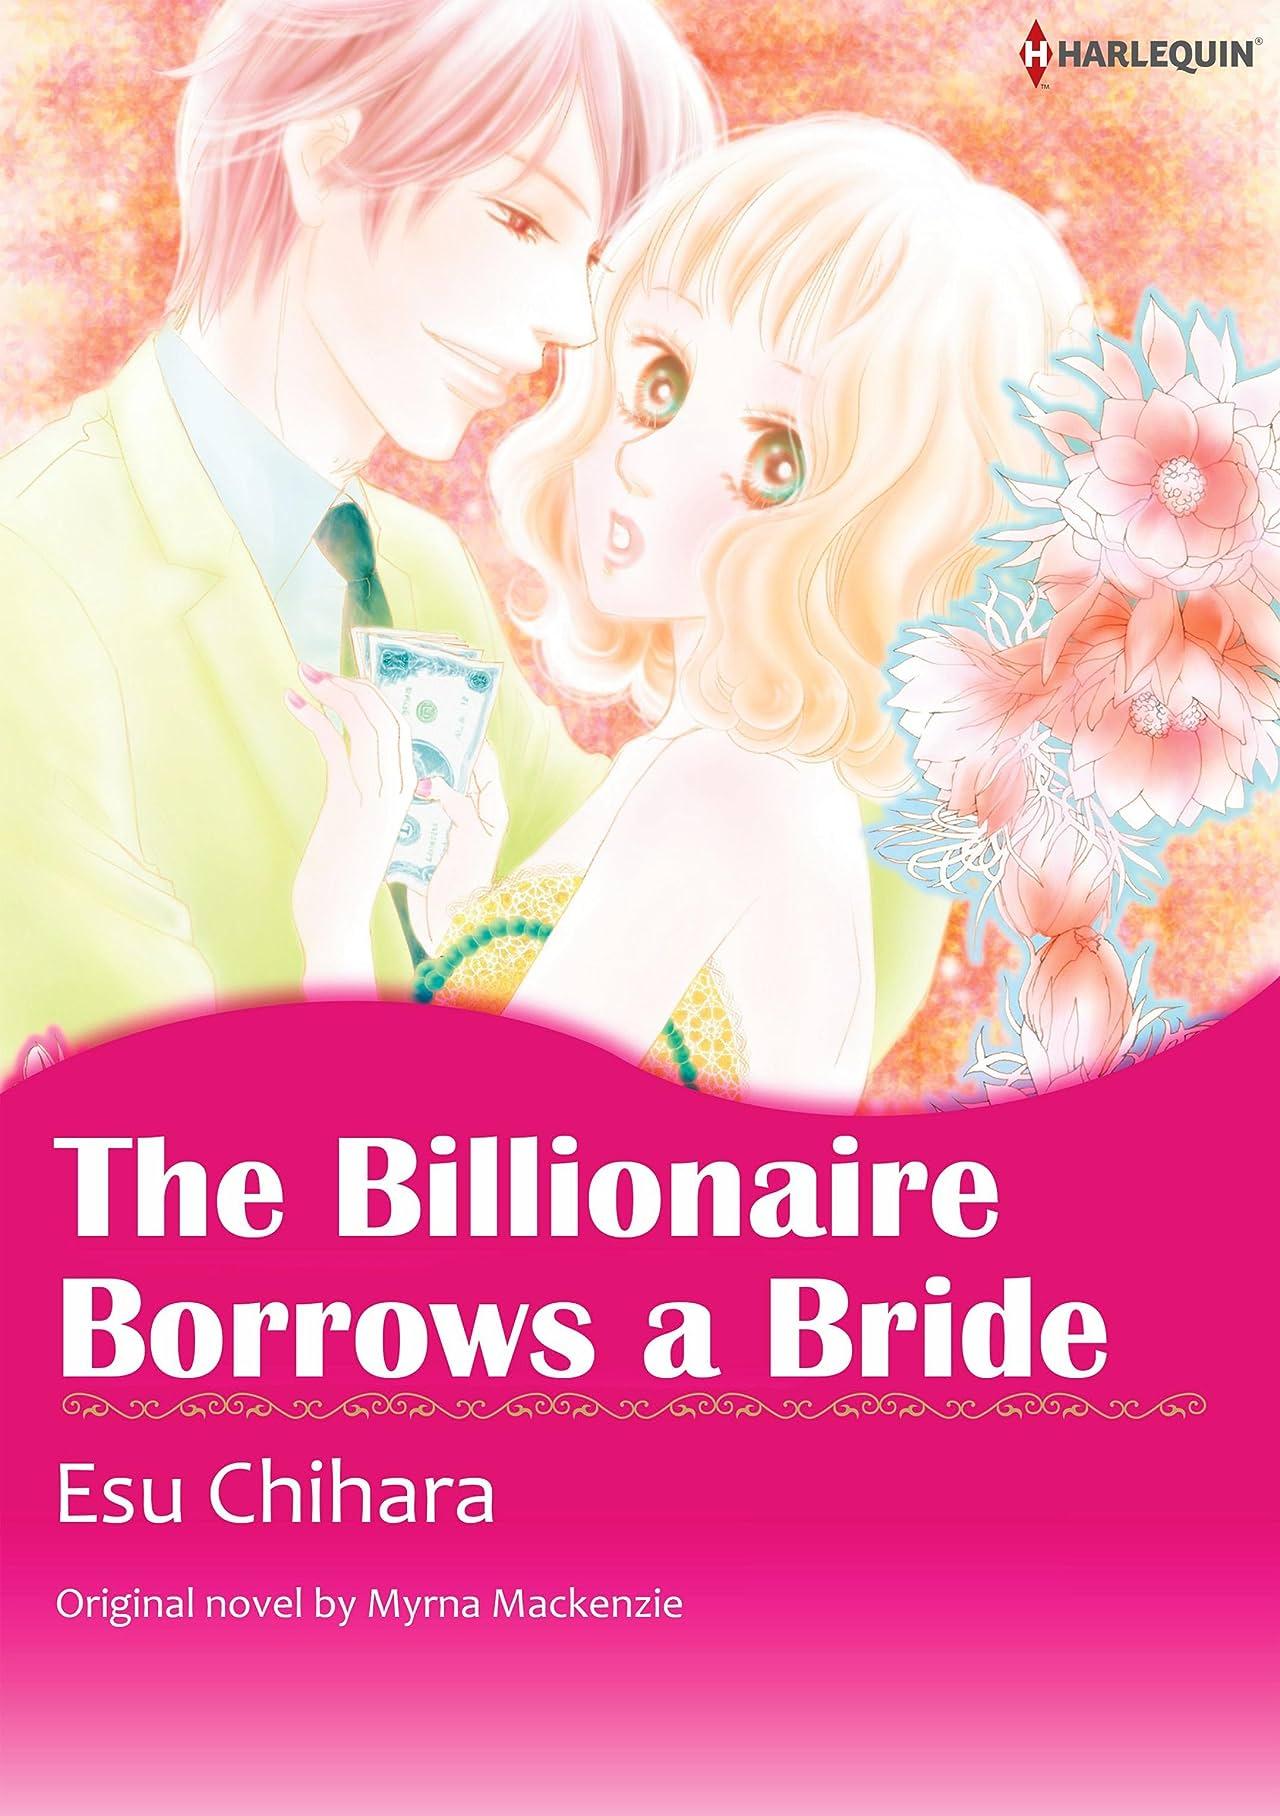 The Billionaire Borrows A Bride